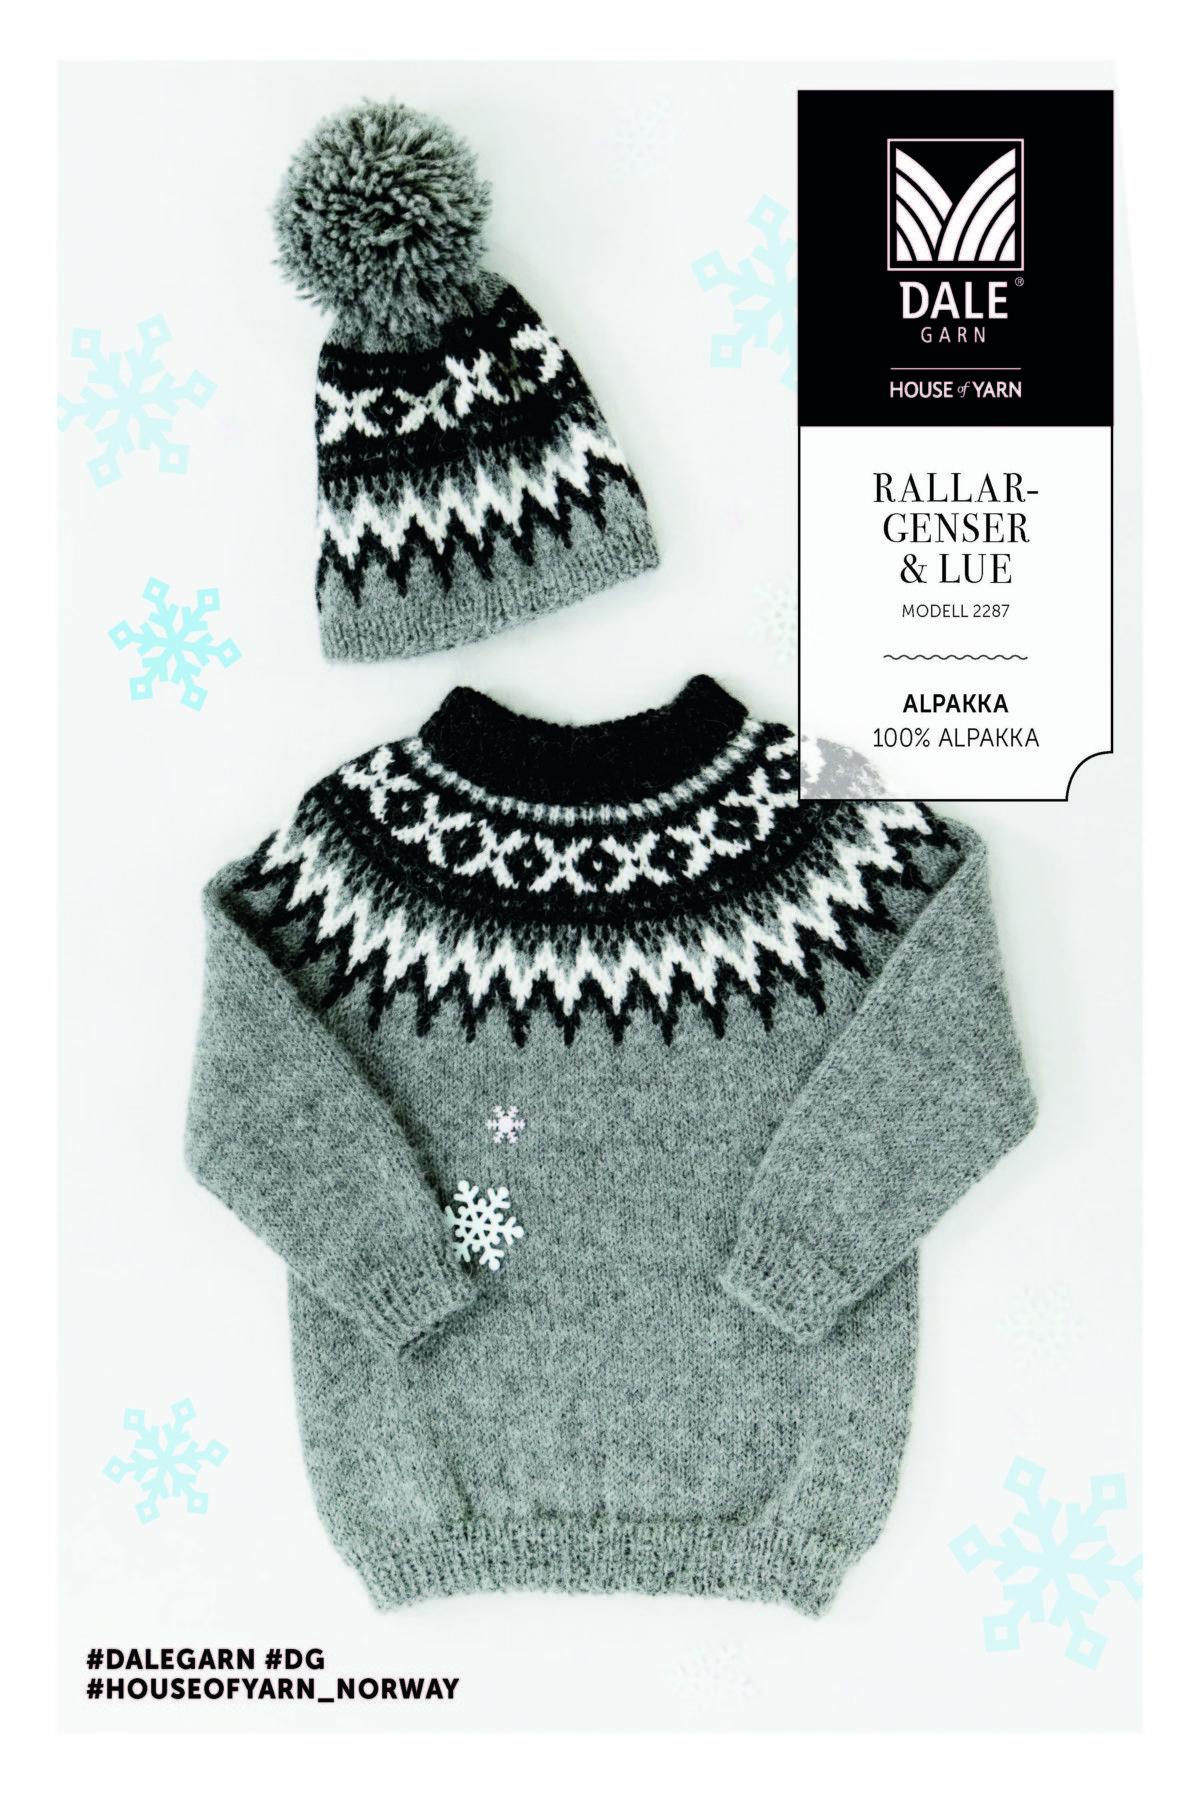 024e94d8 Rallargenser til barn (Lothepus-genseren fra Fjorden Cowboys) |  Strikkeoppskrift.com